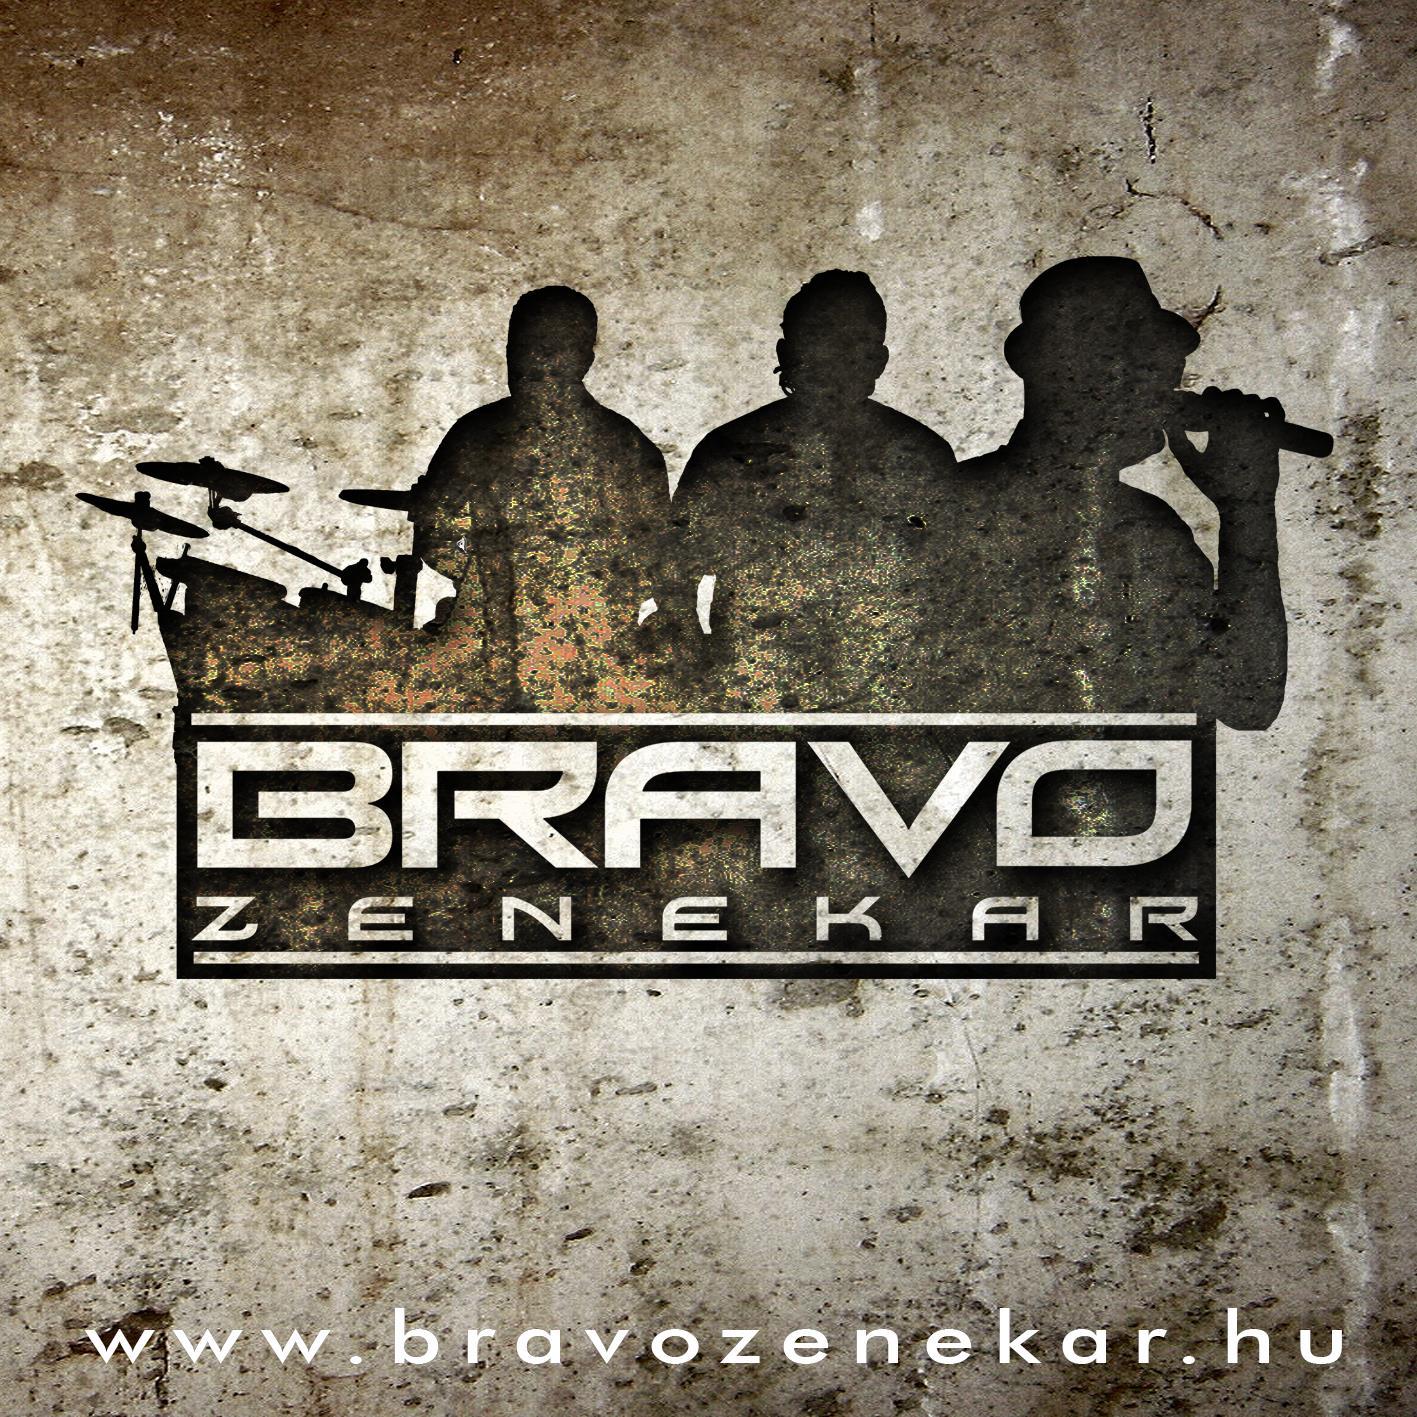 Bravozenkar